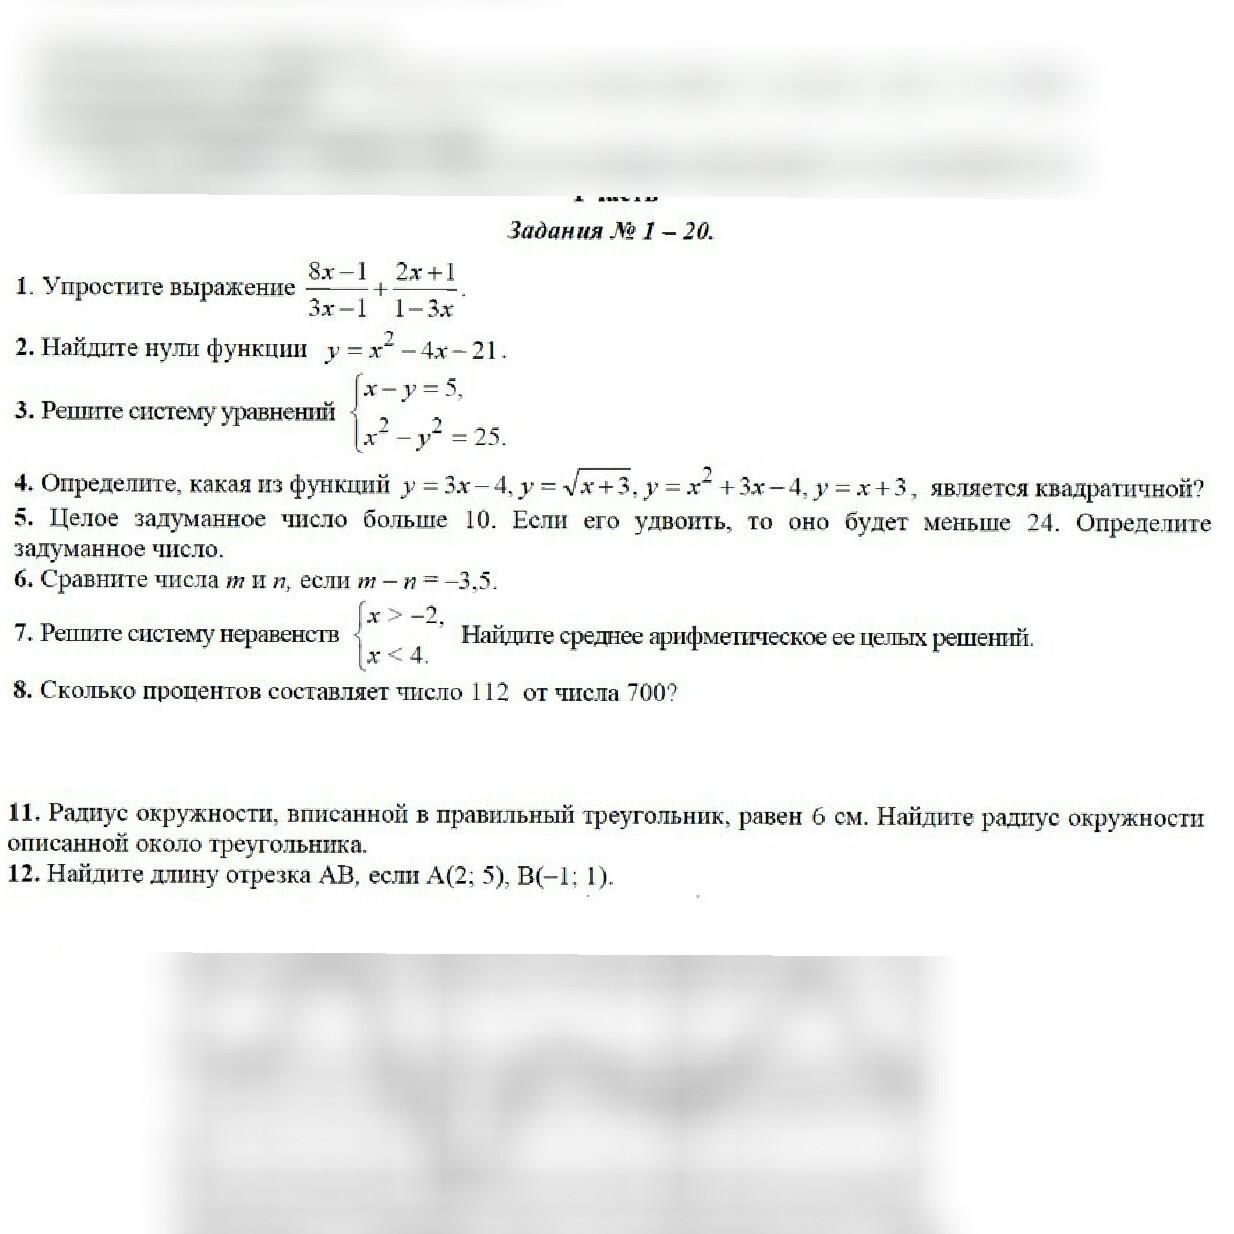 Помогите с 4, 5, 6 и 7 заданиями?